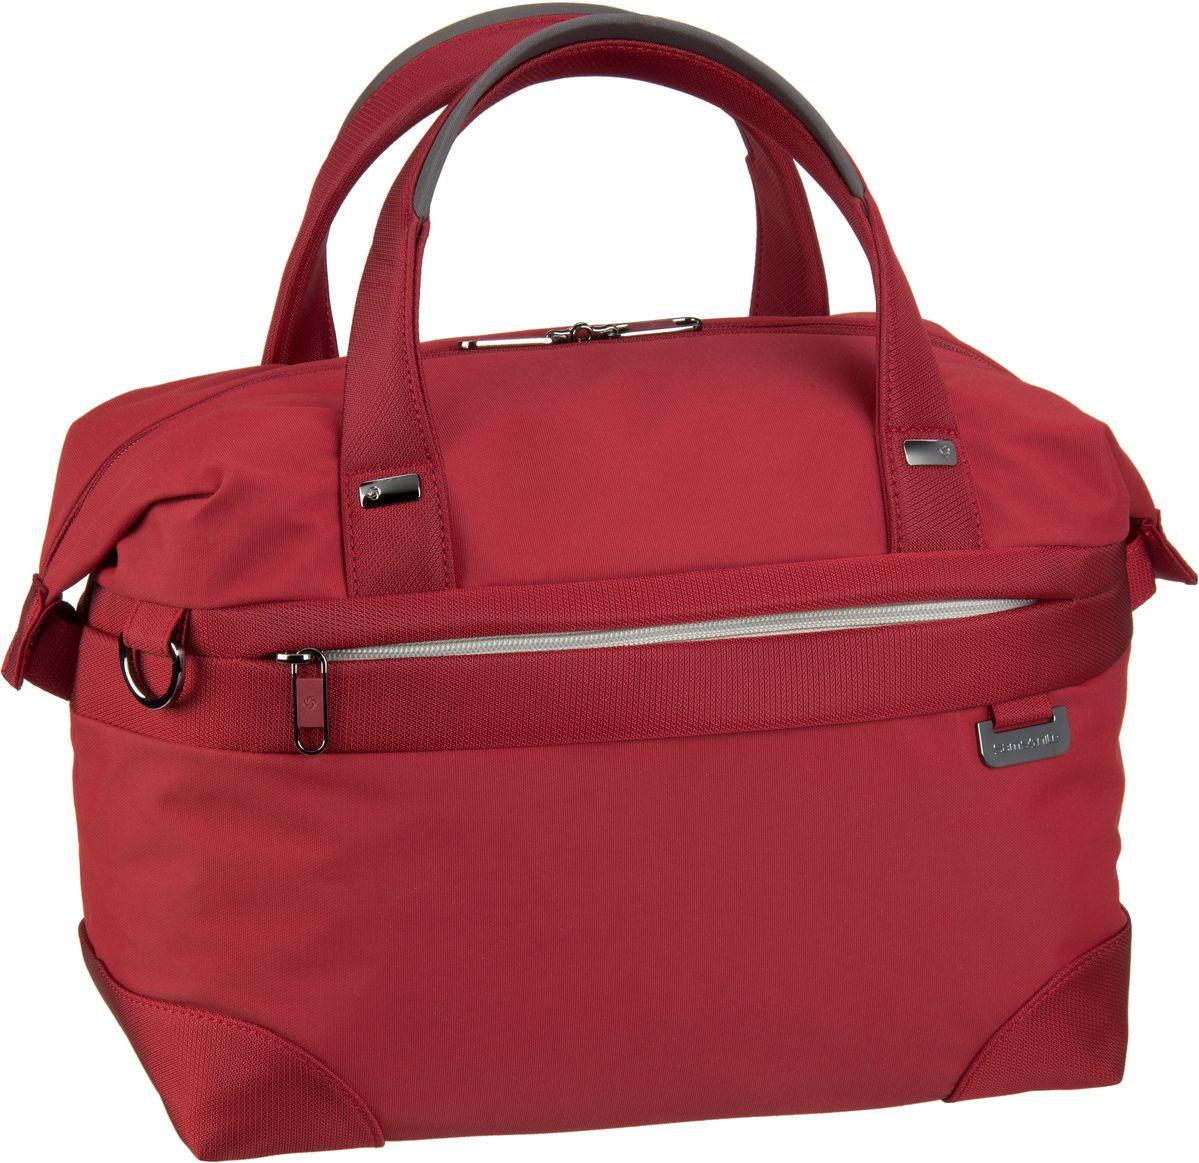 Samsonite Uplite Beauty Case Red - Kulturbeutel / Sale Angebote Haasow